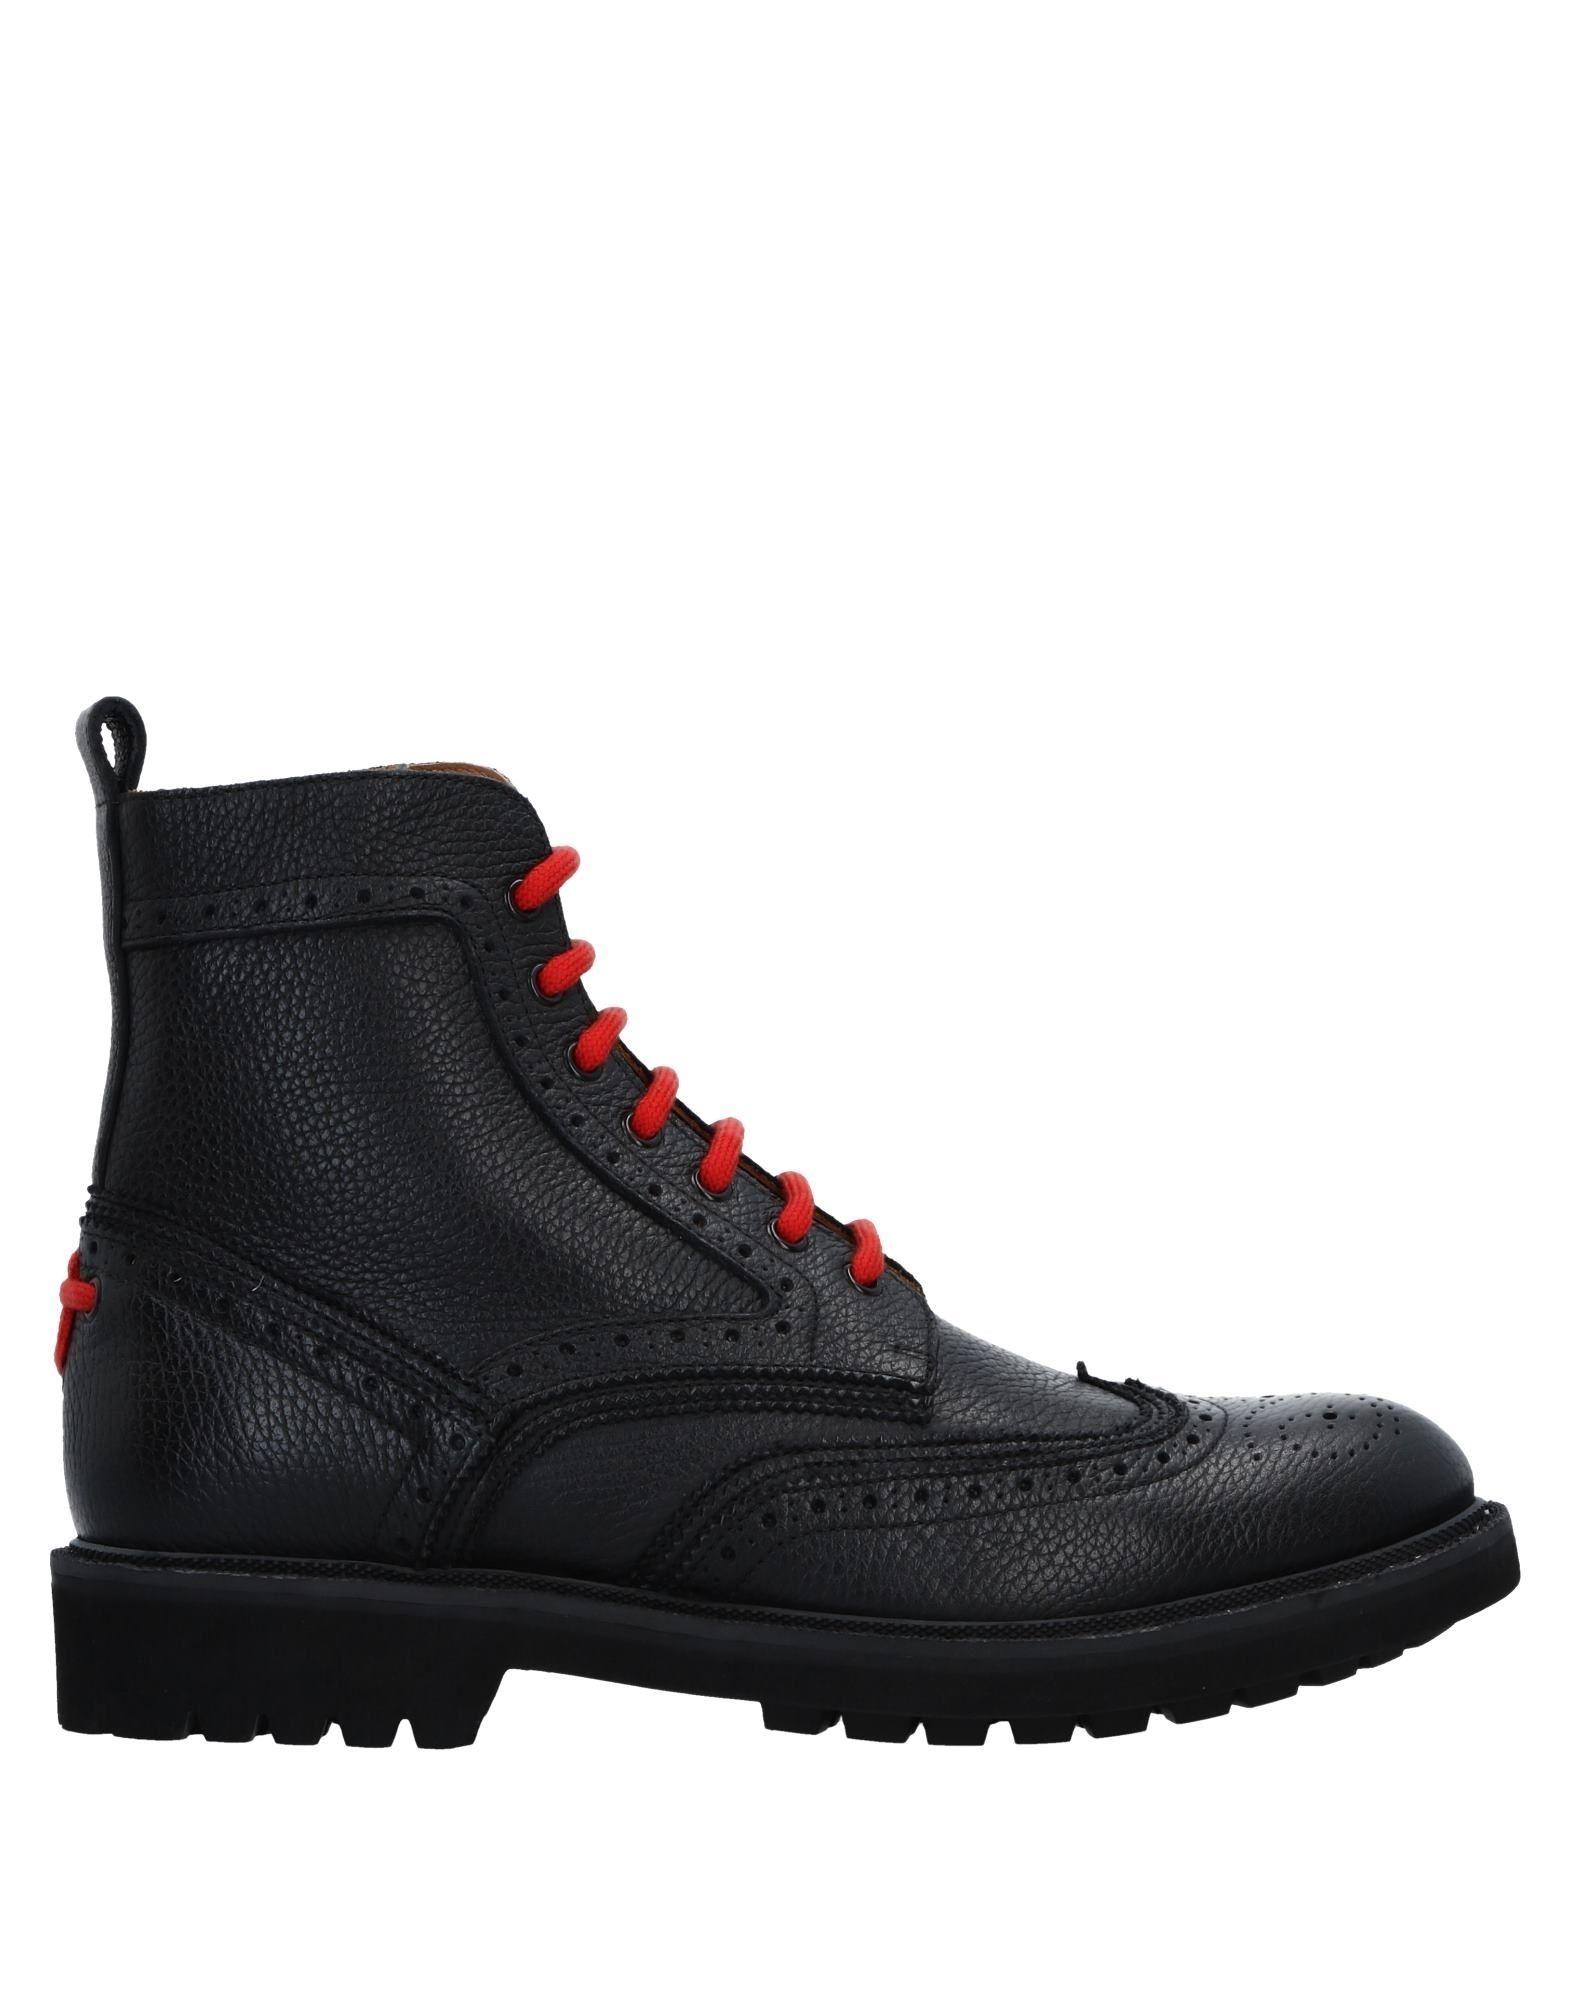 Givenchy Gute Stiefelette Herren  11520551FO Gute Givenchy Qualität beliebte Schuhe 708354